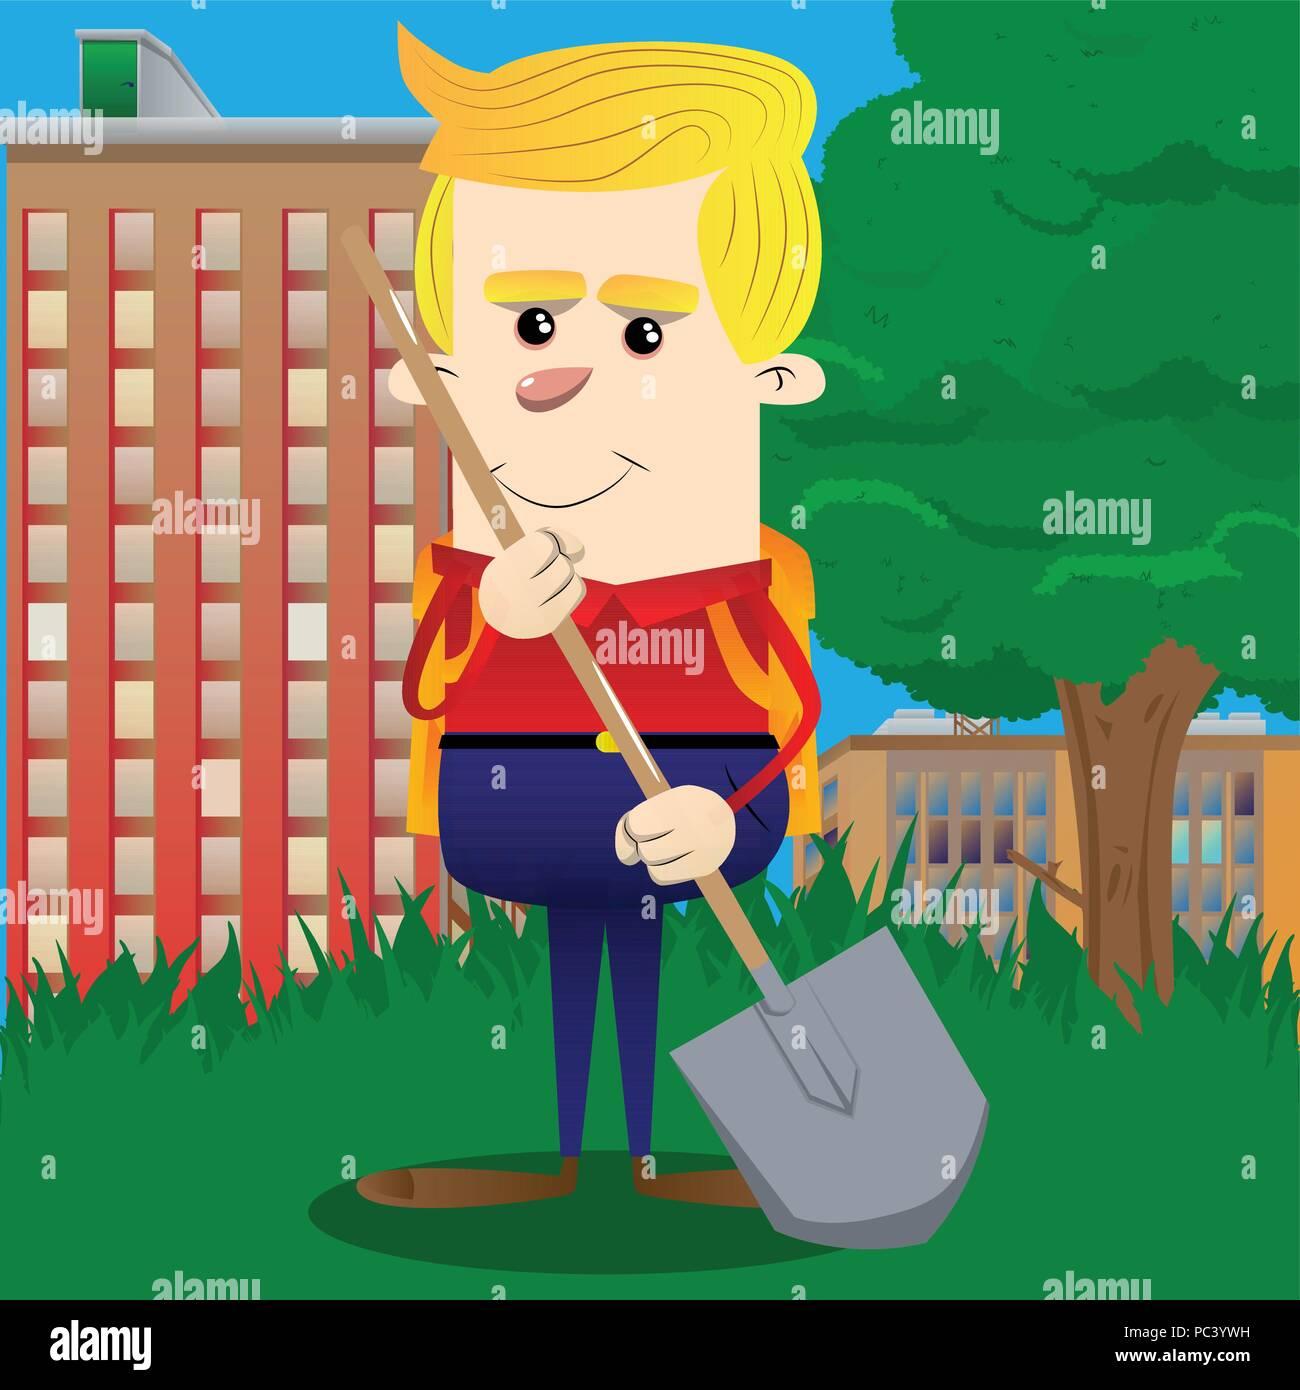 La tenue d'écolier d'une pelle. Vector cartoon character illustration. Photo Stock